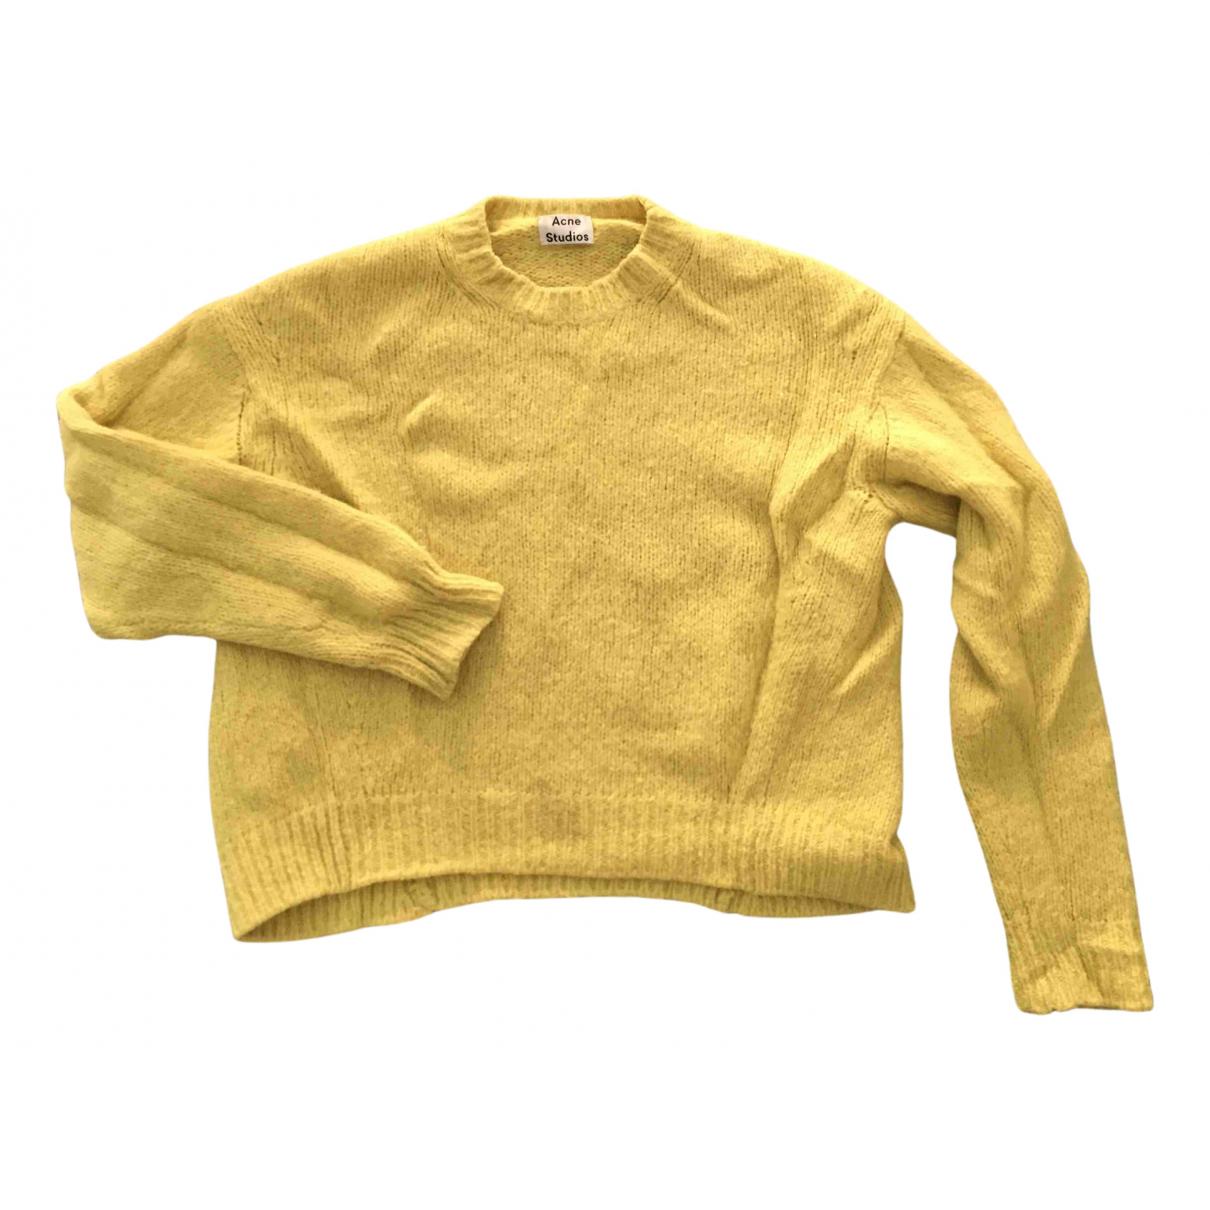 Acne Studios N Yellow Wool Knitwear for Women S International